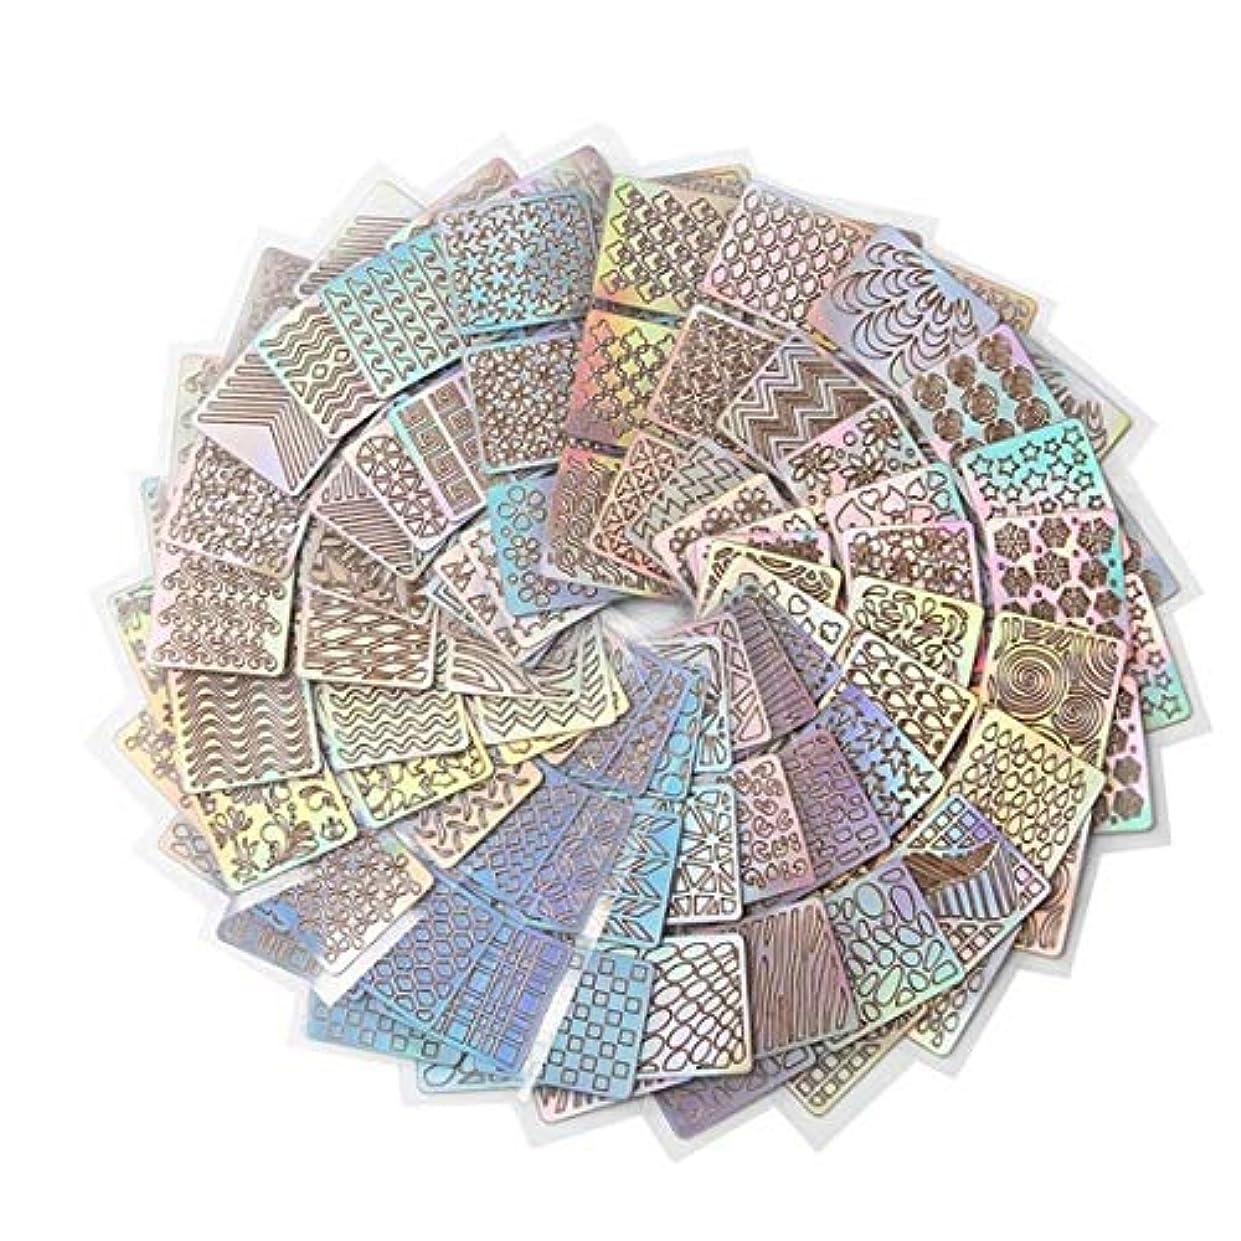 徐々にコントラスト消費ALEXBIAN 24スタイルDIYポーランド転送ネイルアートステンシルテンプレートスタンピング中空ステッカービニールマニキュア画像ガイド美容ツール